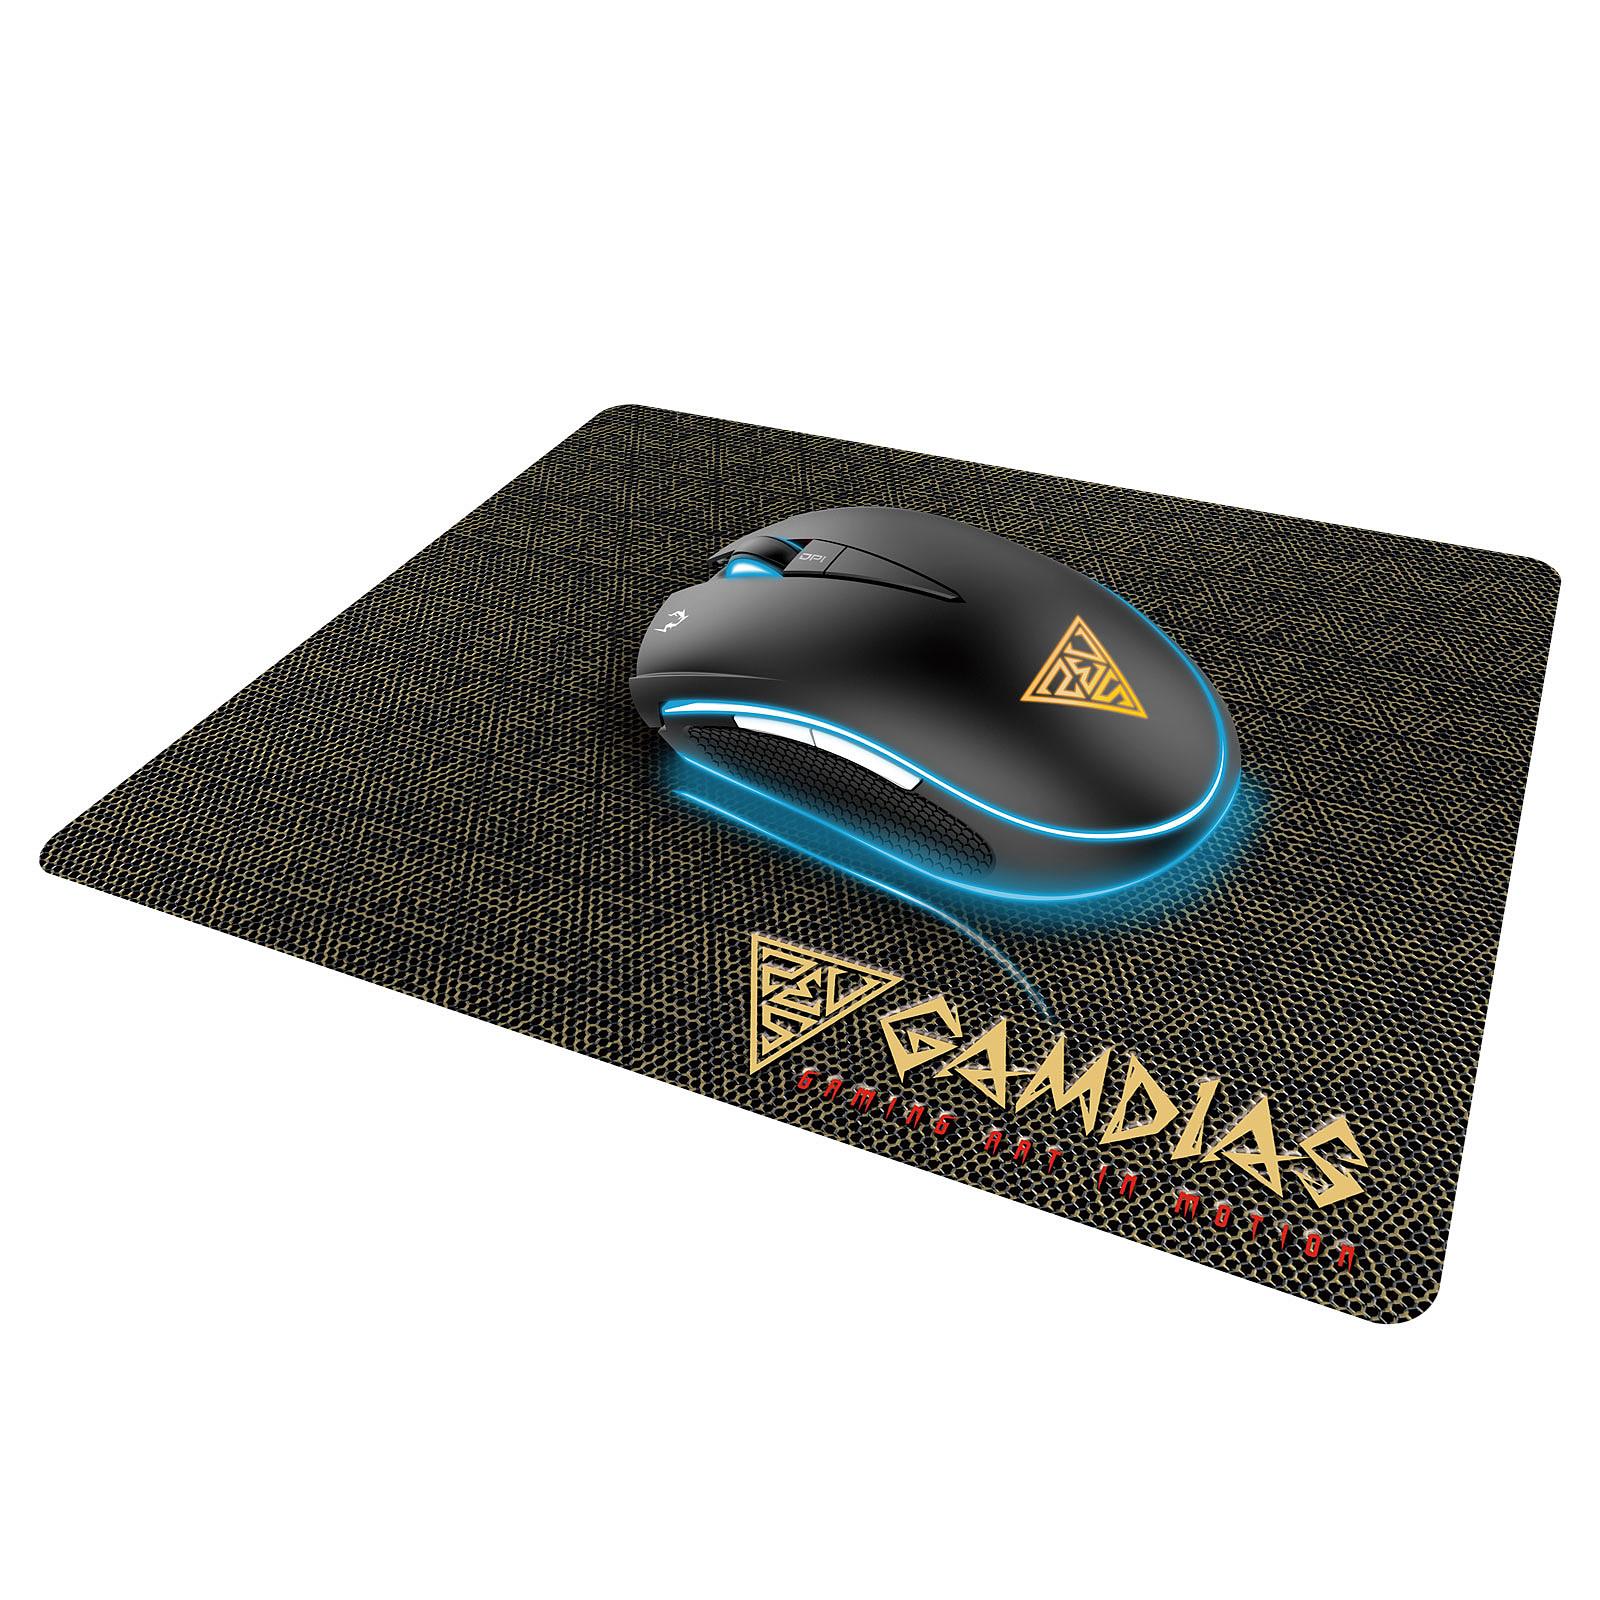 Souris gamer Gamdias Zeus E1 + Pad (Frais de port inclus)